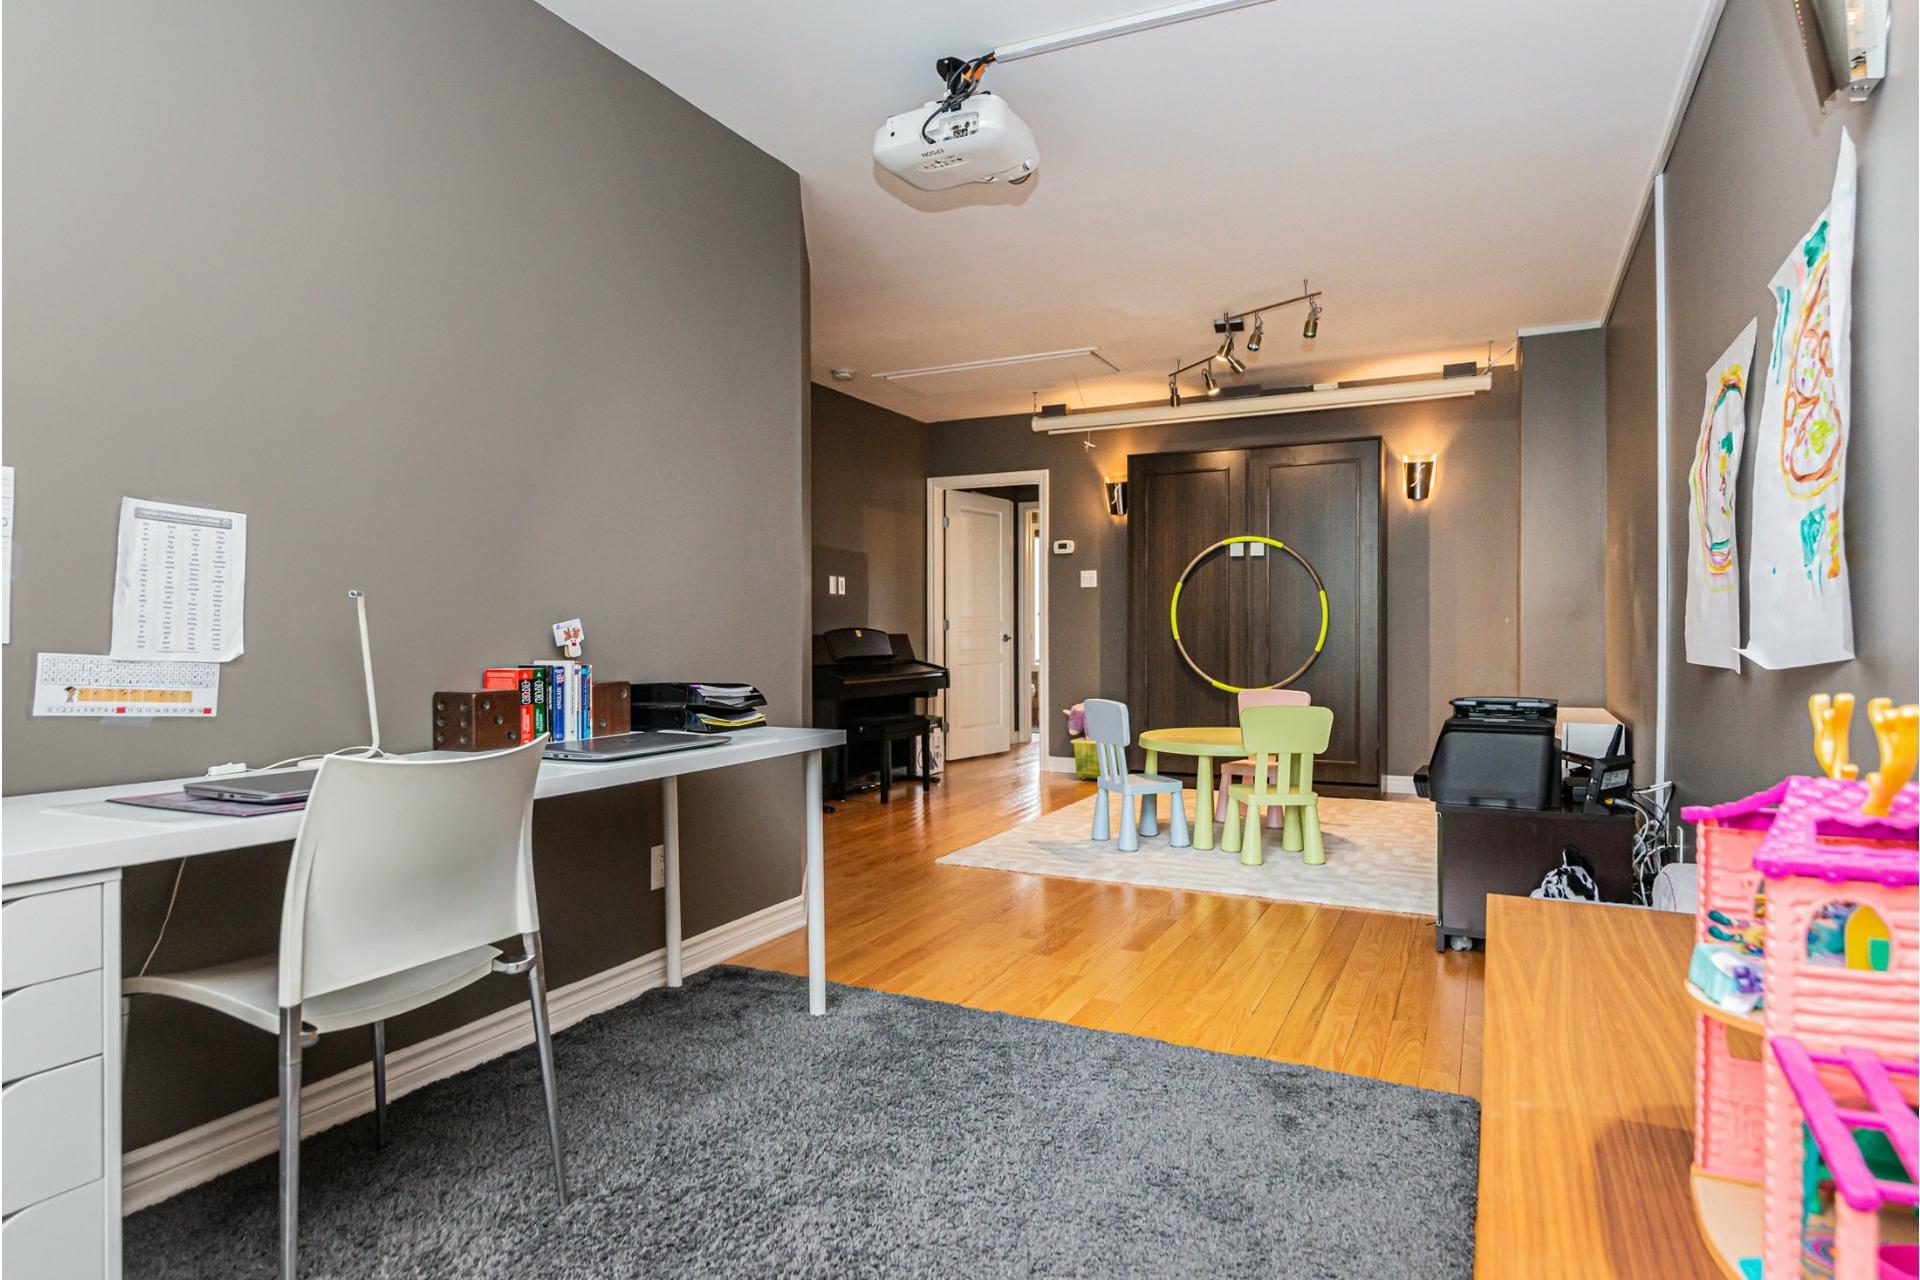 image 27 - Maison À vendre Côte-des-Neiges/Notre-Dame-de-Grâce Montréal  - 11 pièces